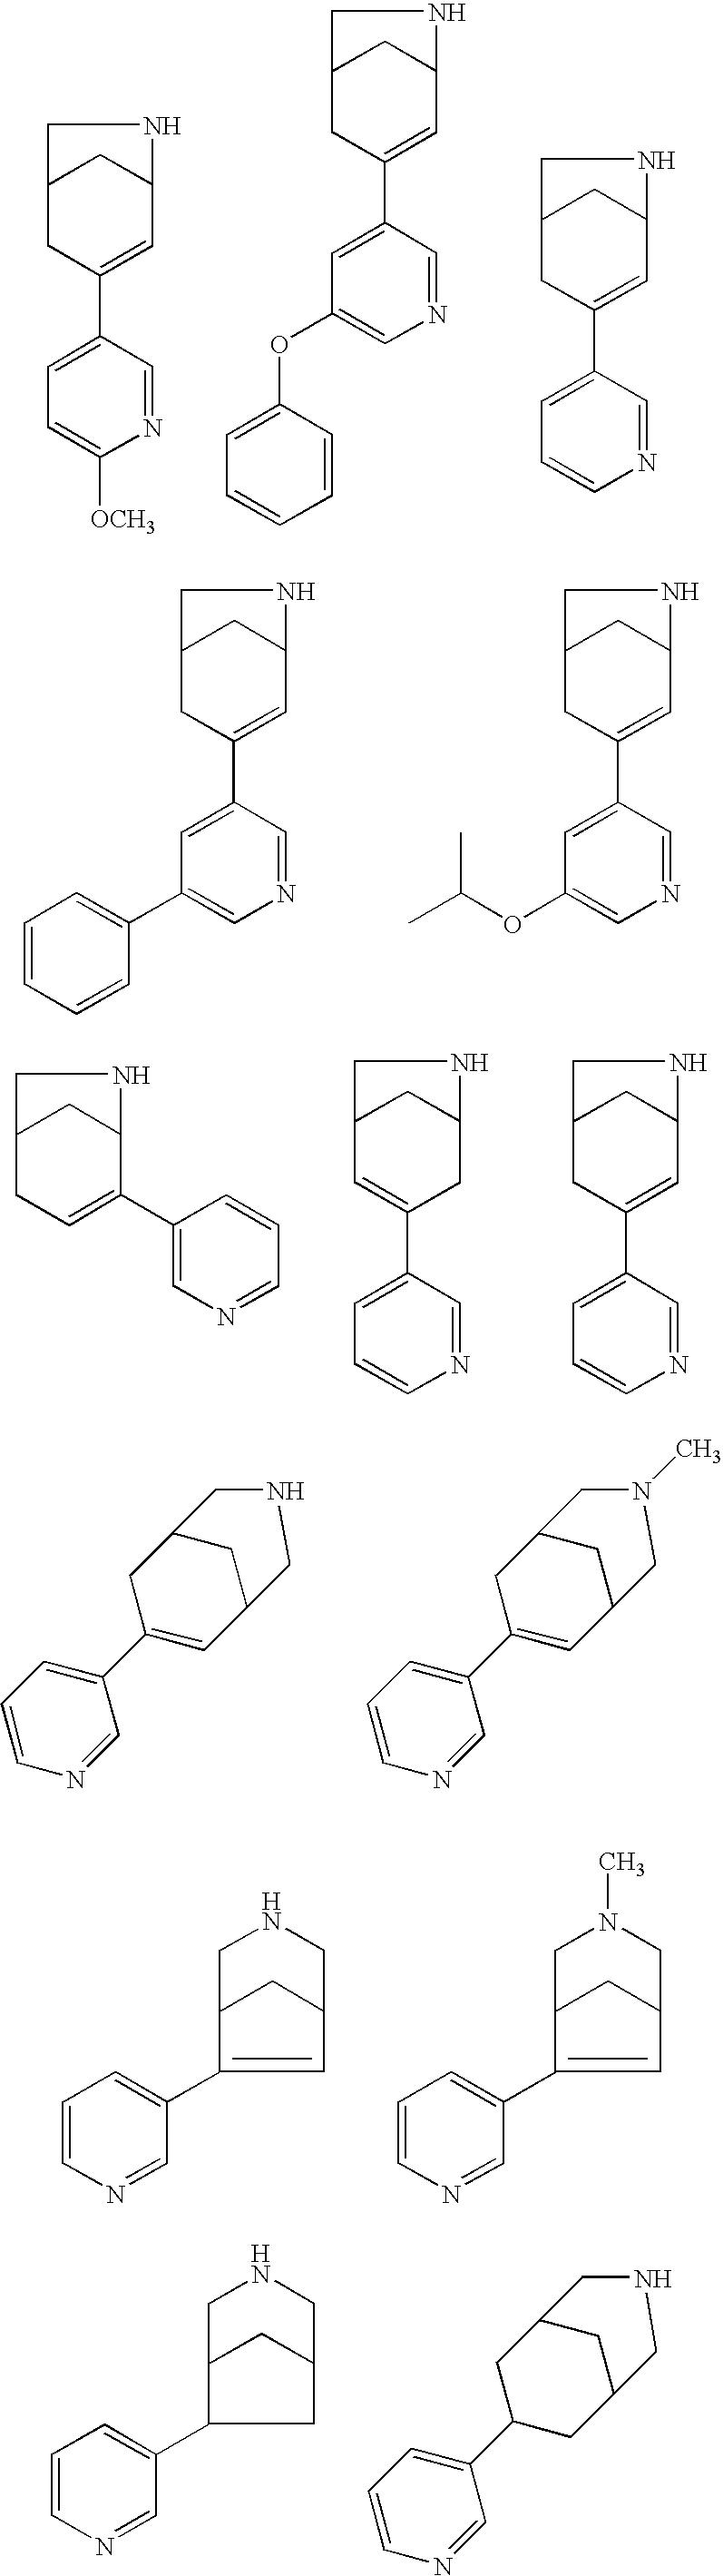 Figure US20100152228A1-20100617-C00006